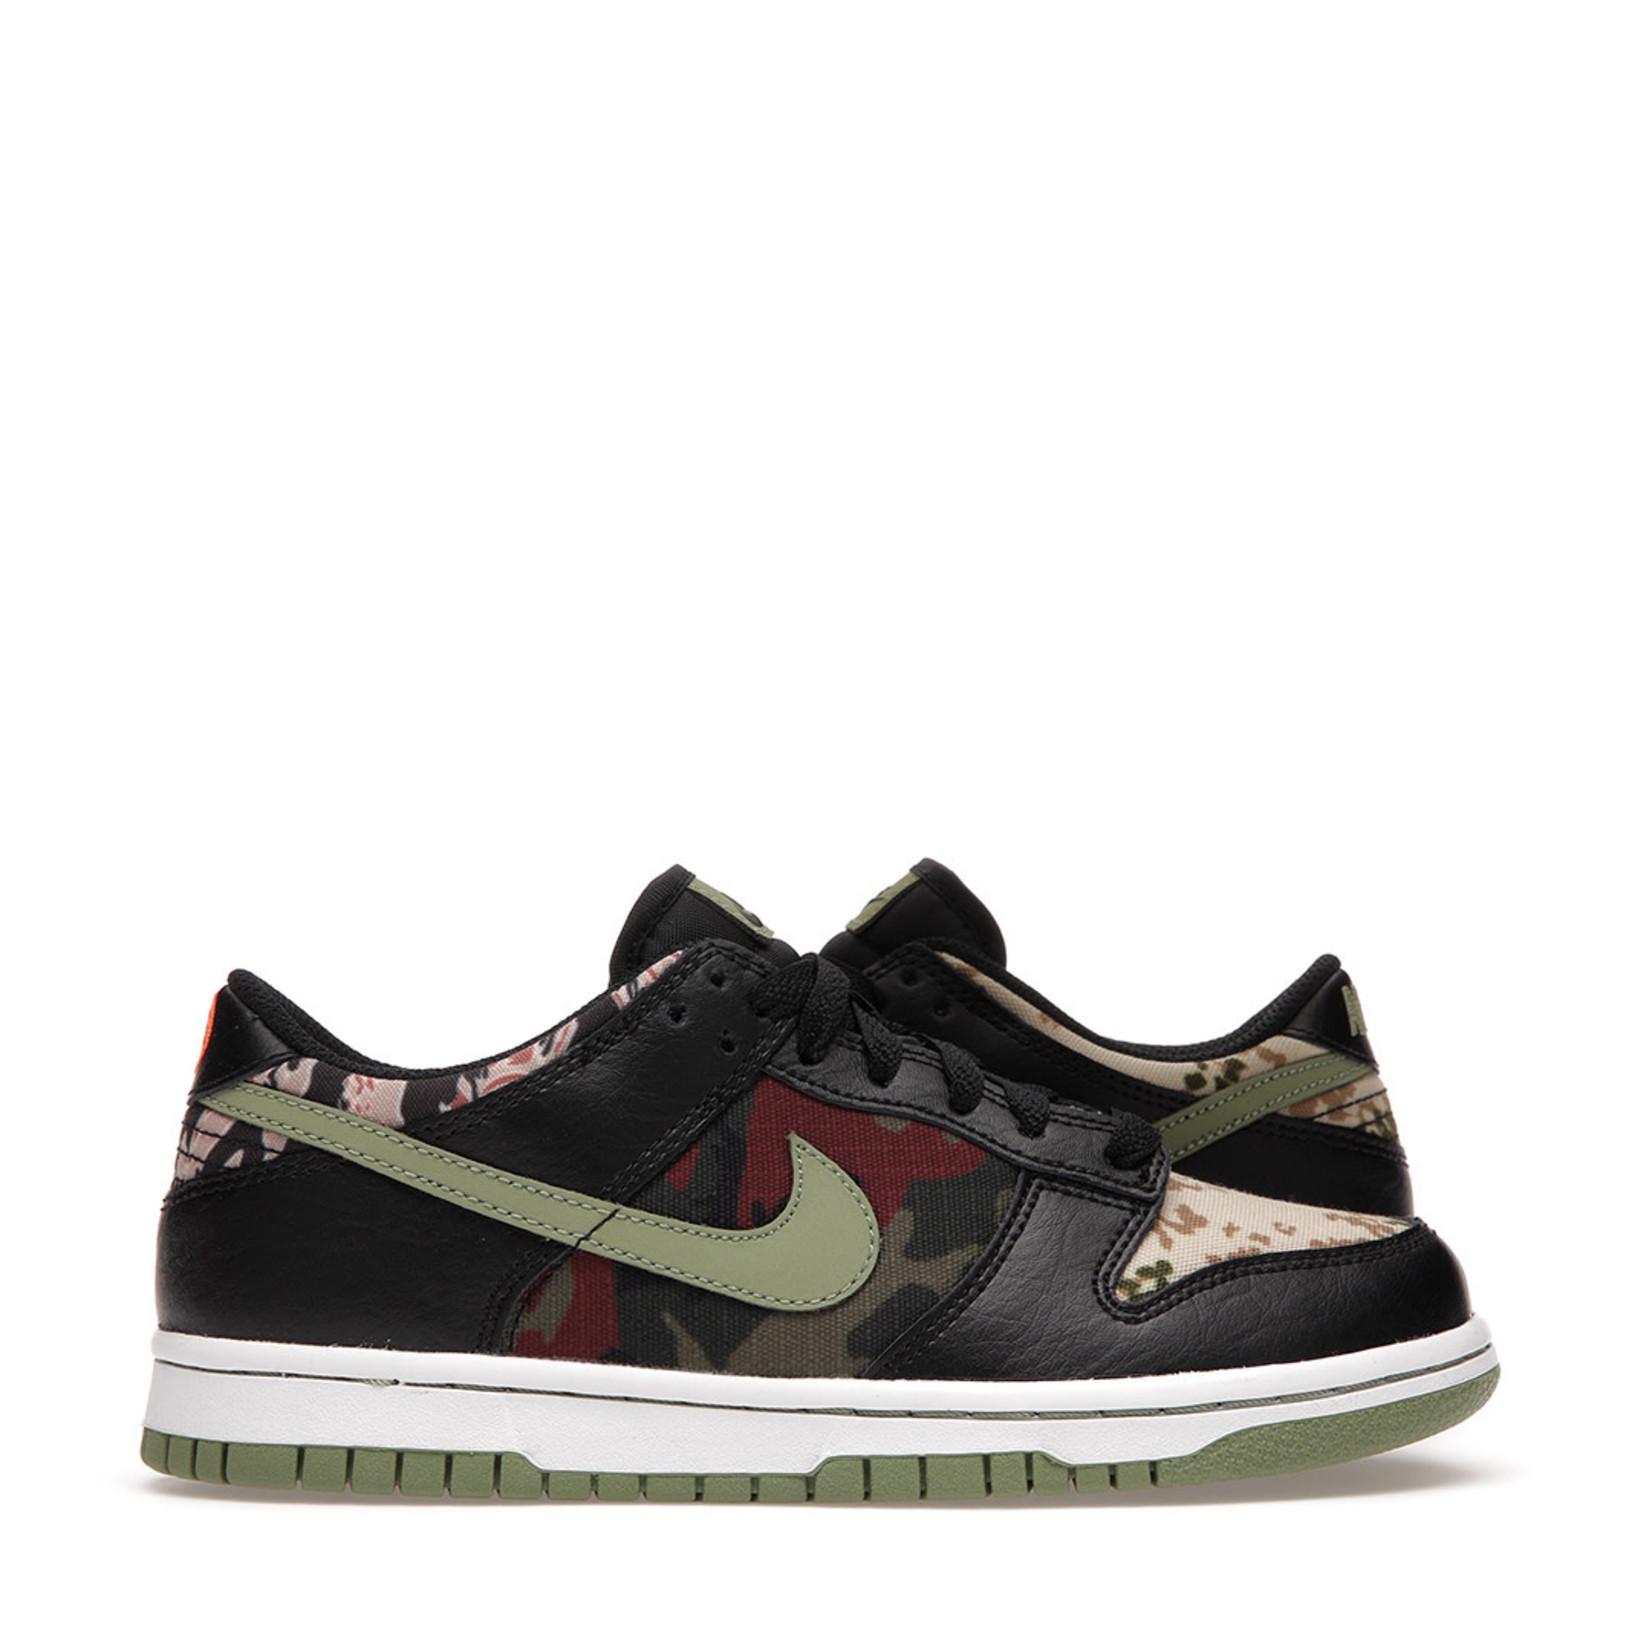 Nike Nike Dunk Low Crazy Camo